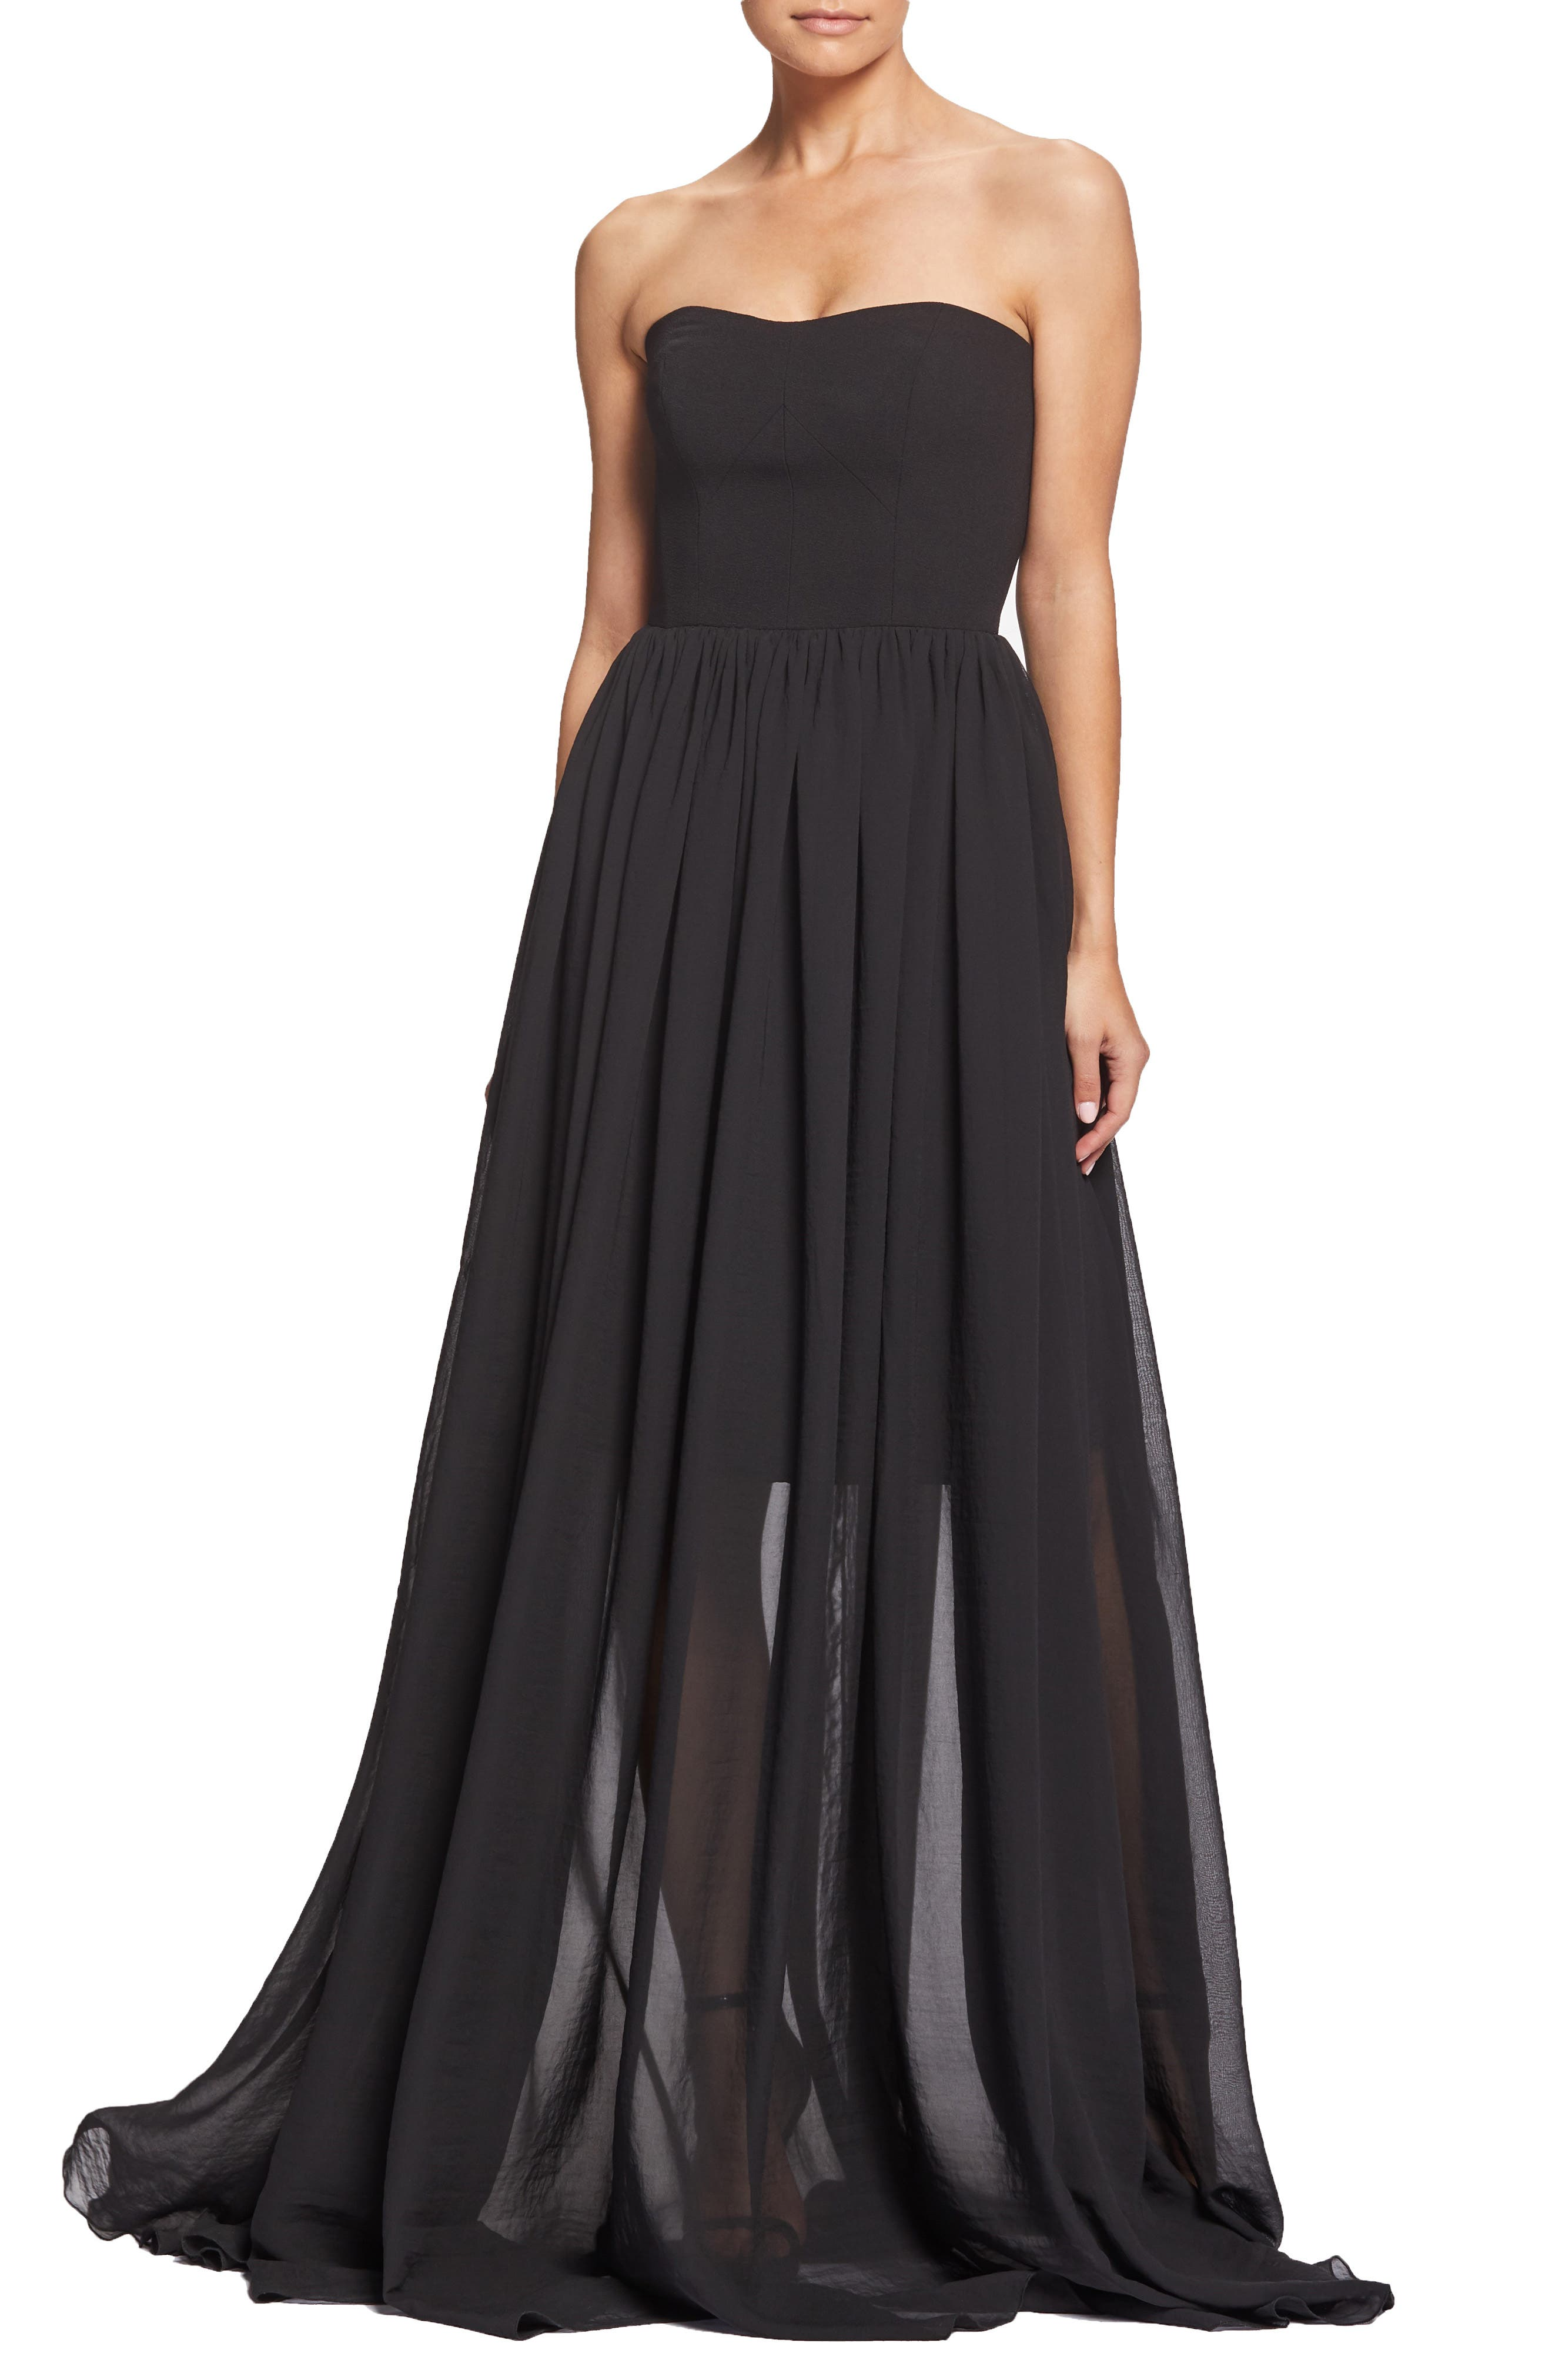 Long Strapless Black Dress